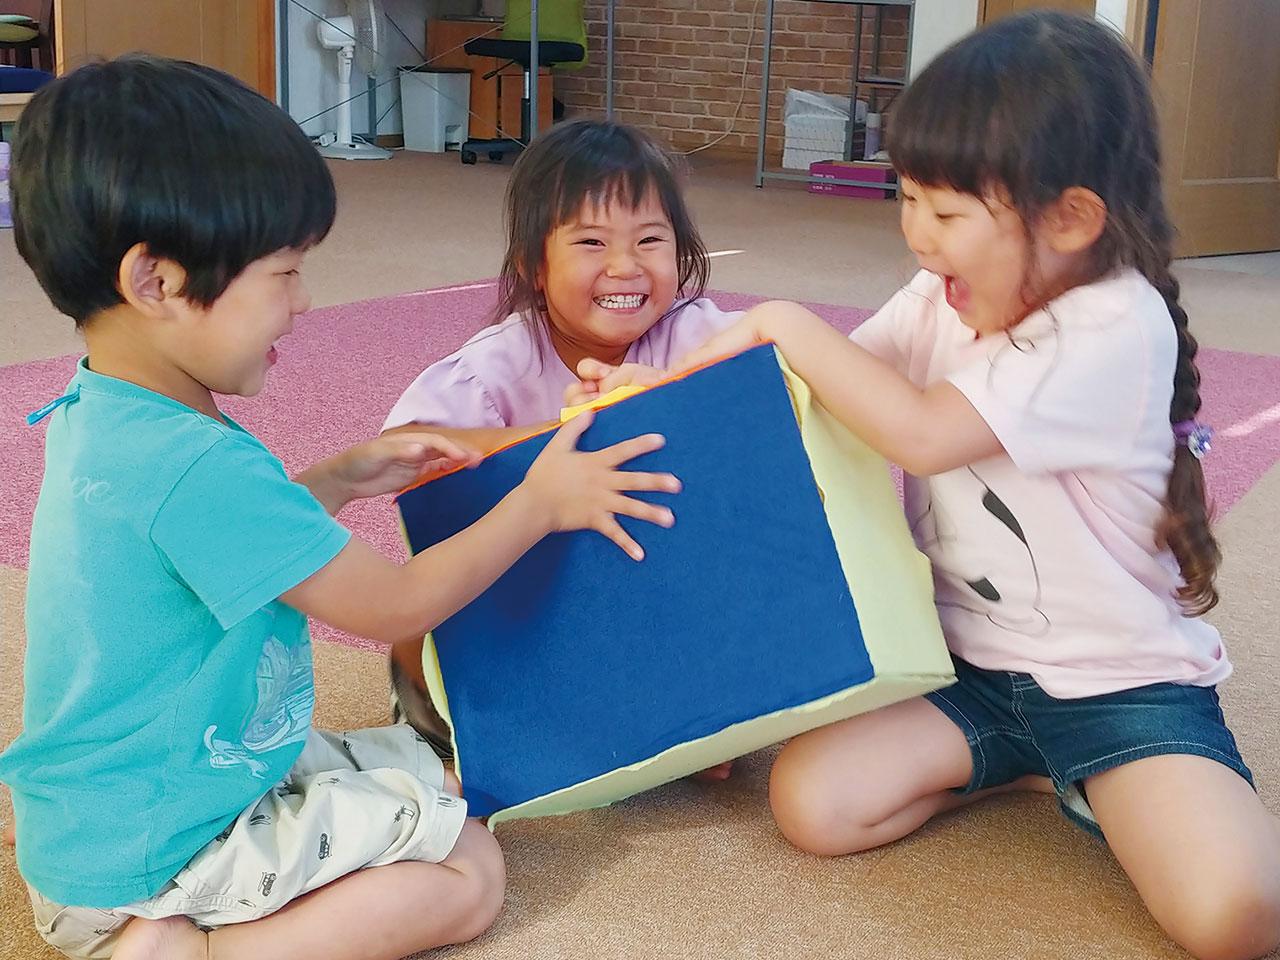 子どもの個性を伸ばしたい 新しい趣味を見つけたい さぁ、習いごと をはじめよう